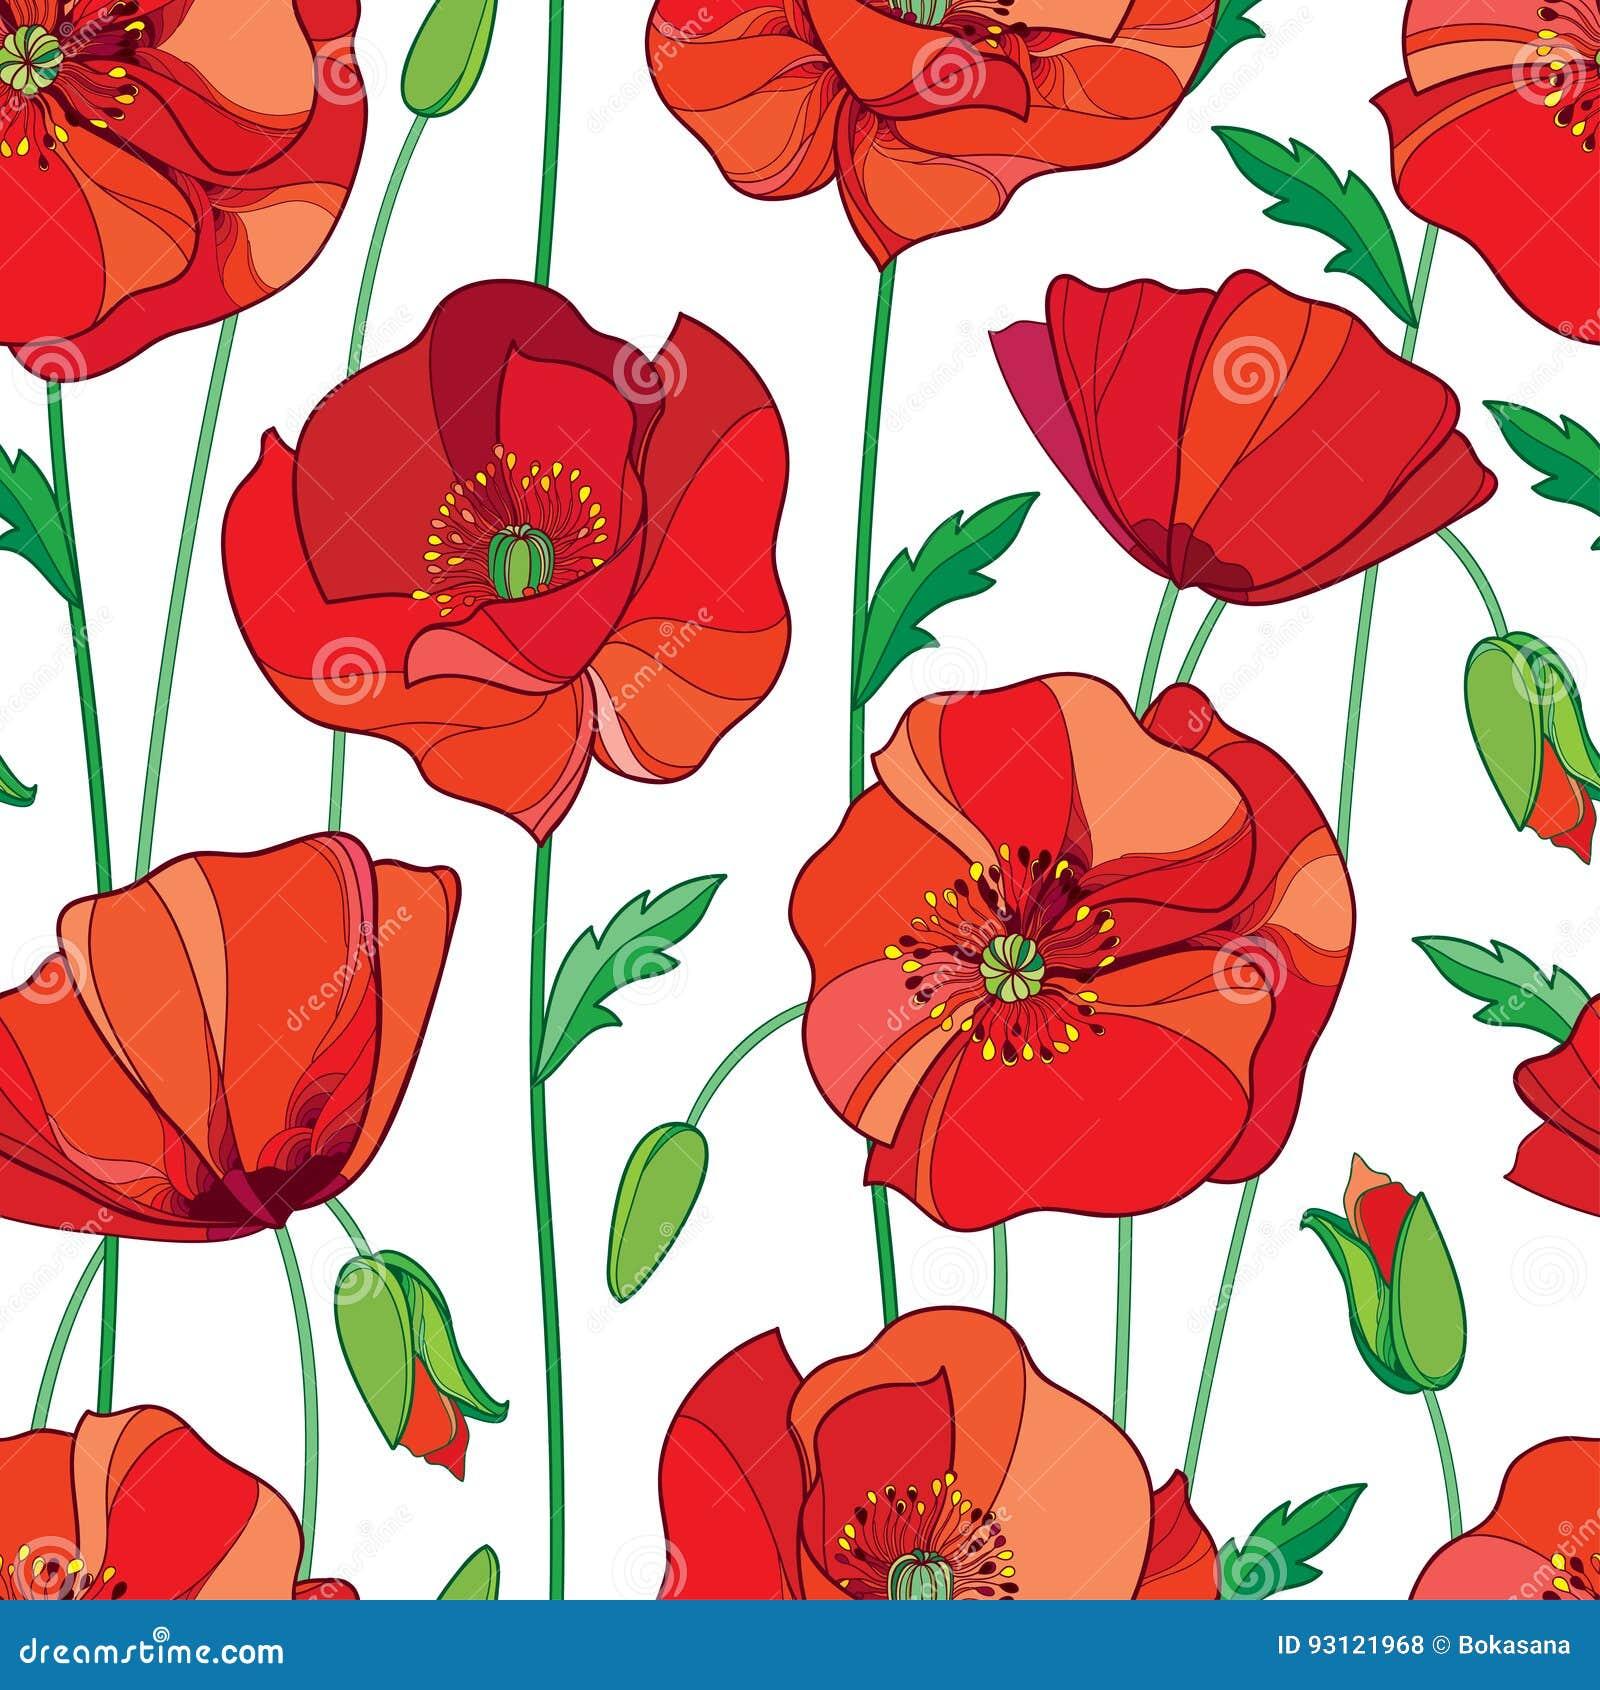 Poppy Flower Outline Gallery - Fresh Lotus Flowers